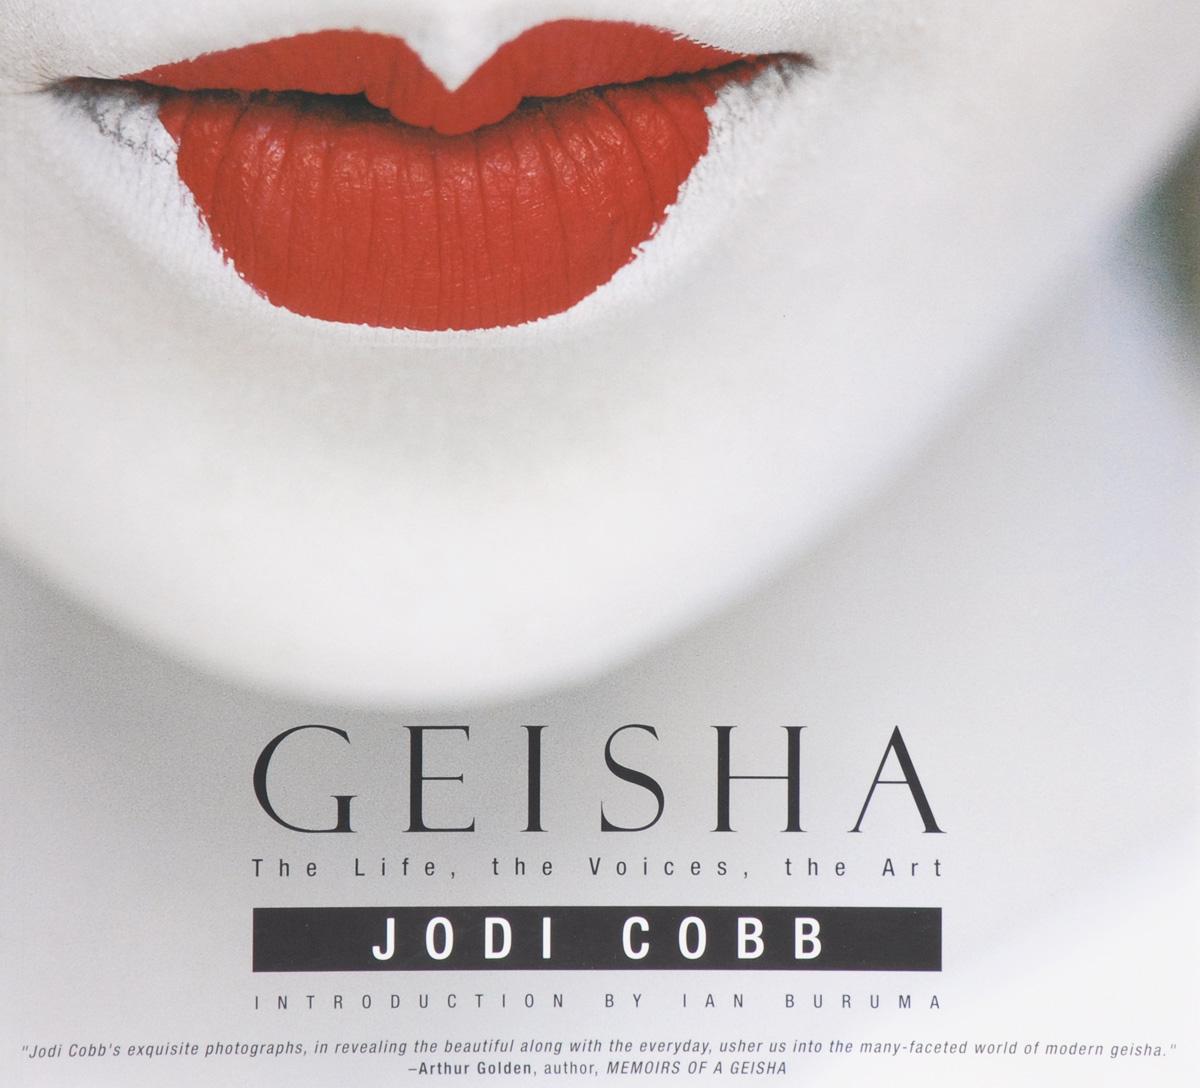 Geisha: The Life, the Voices, the Art